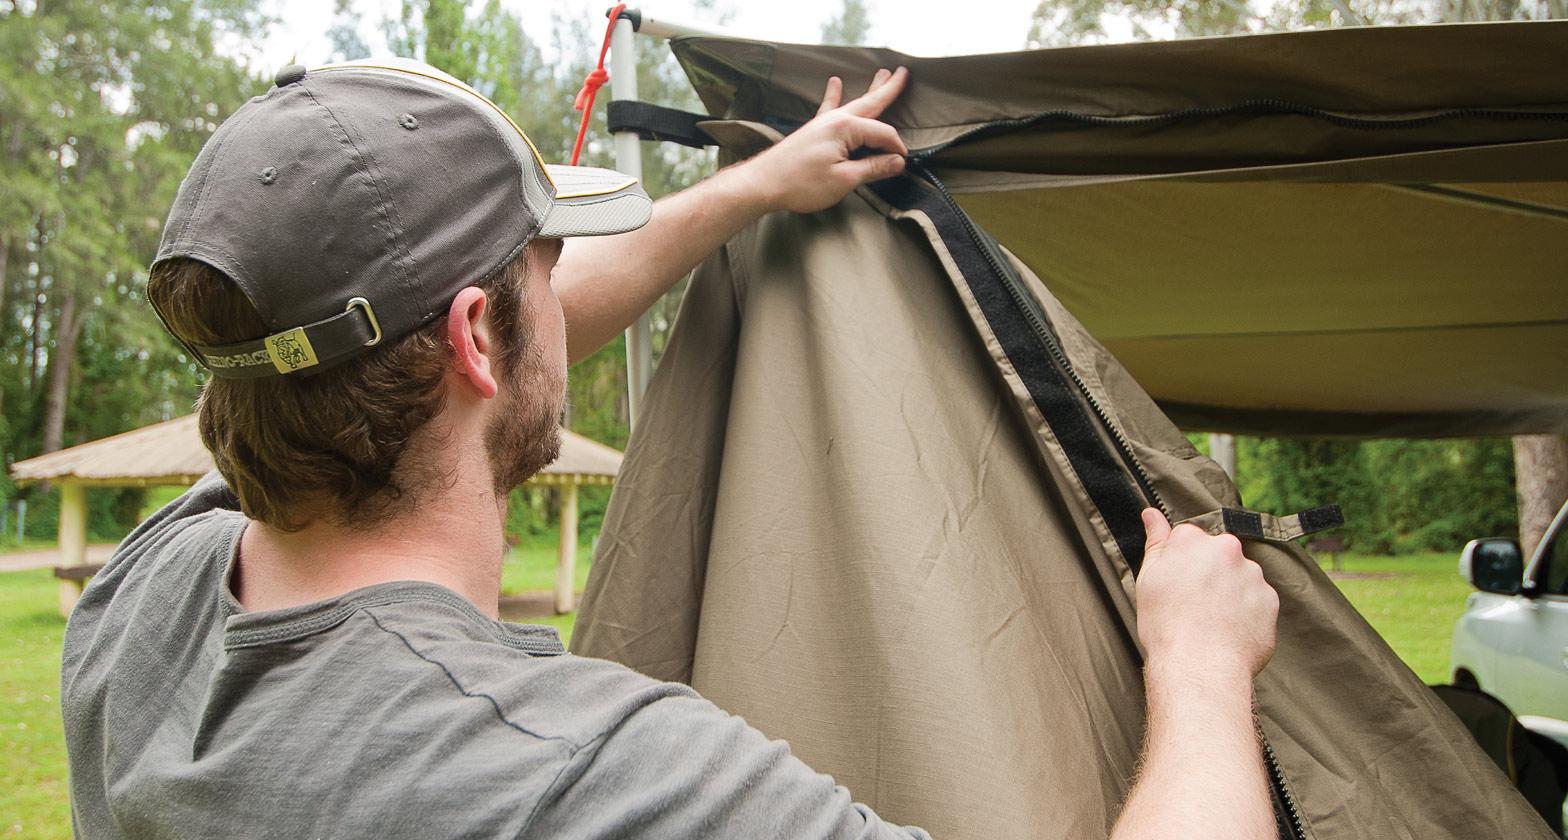 & Tagalong Tent - #RV5T | Rhino-Rack